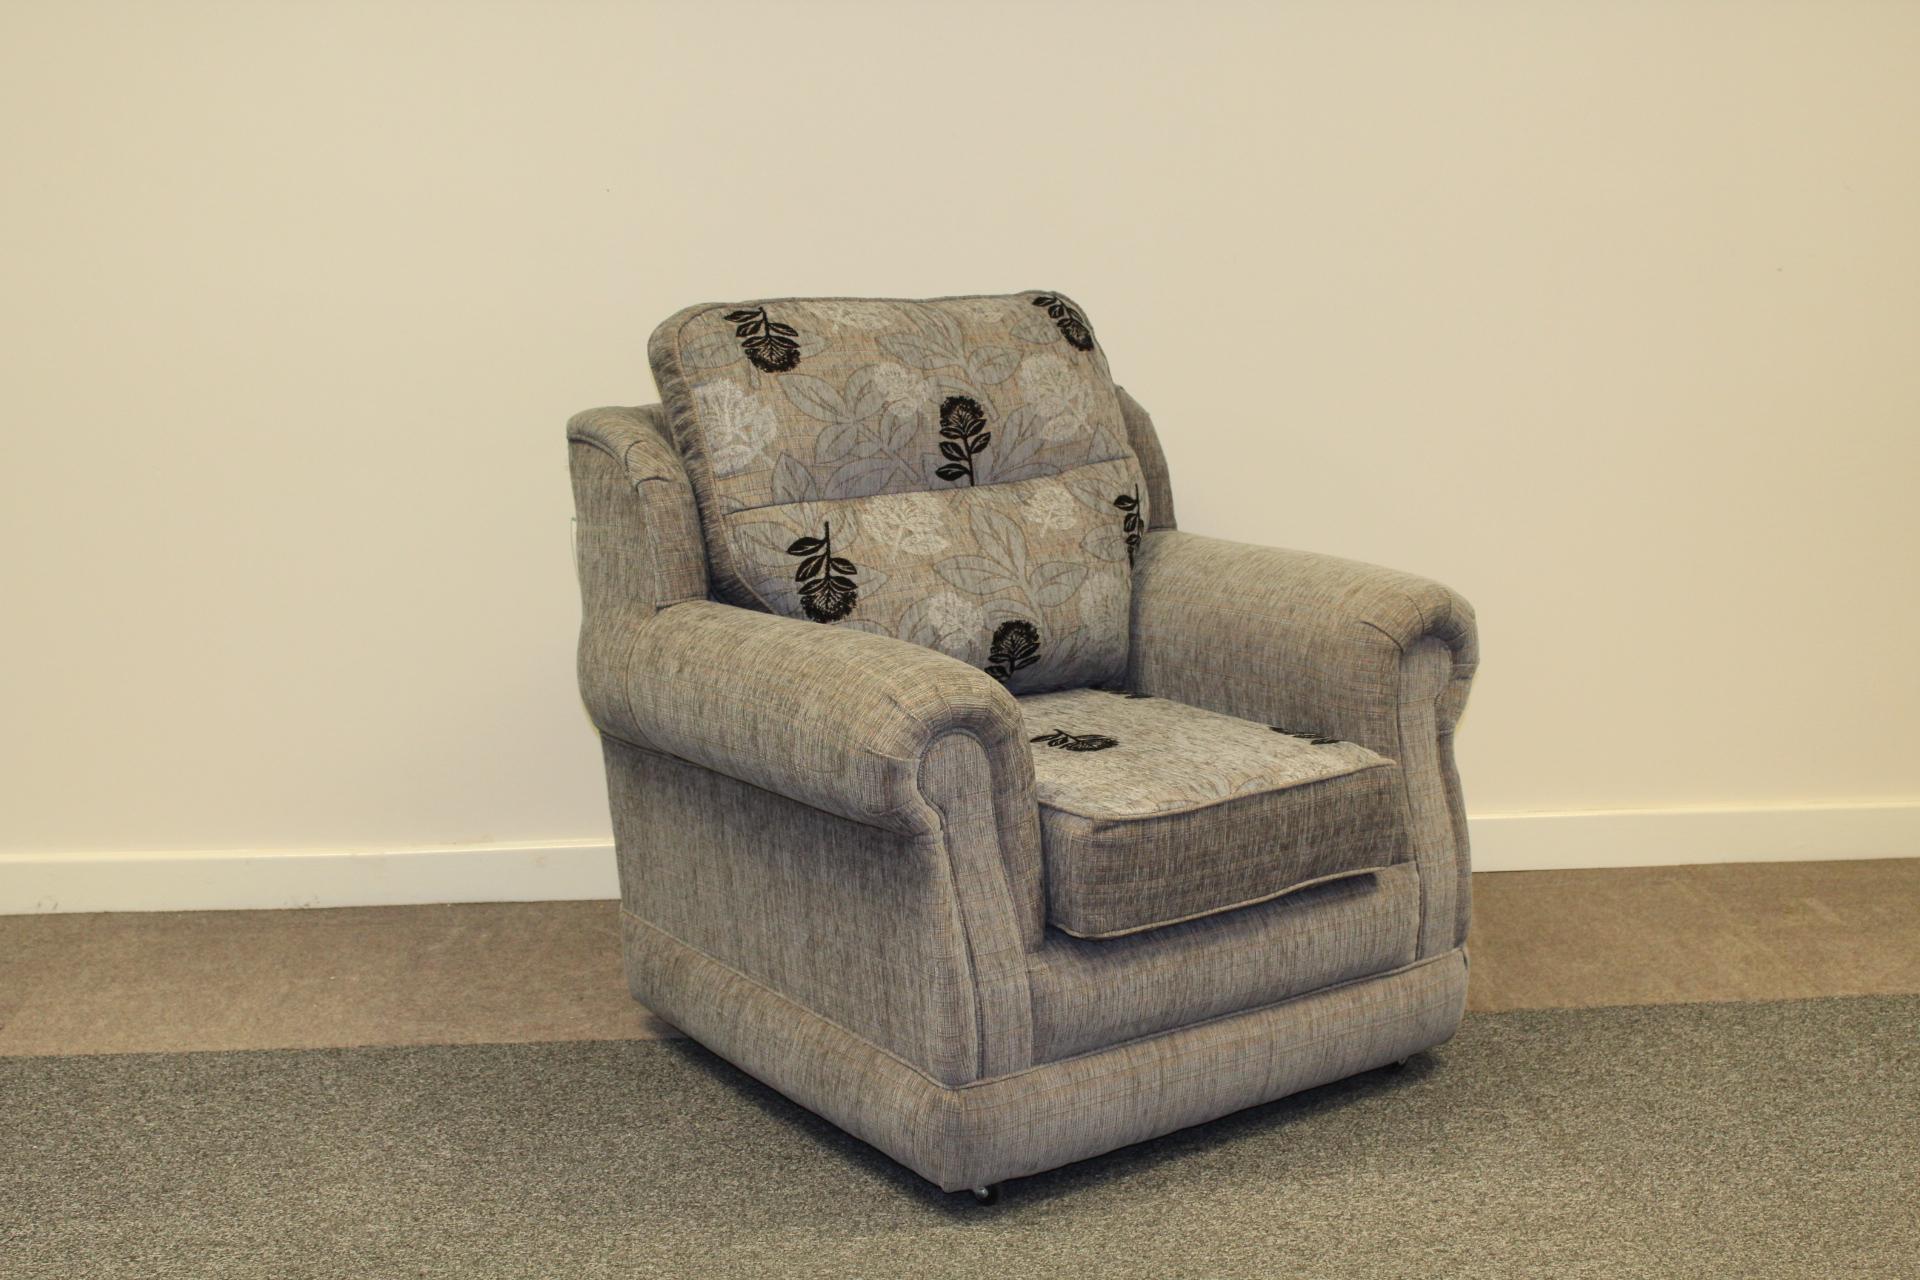 Hilton shipcote furniture - Hilton furniture living room sets ...